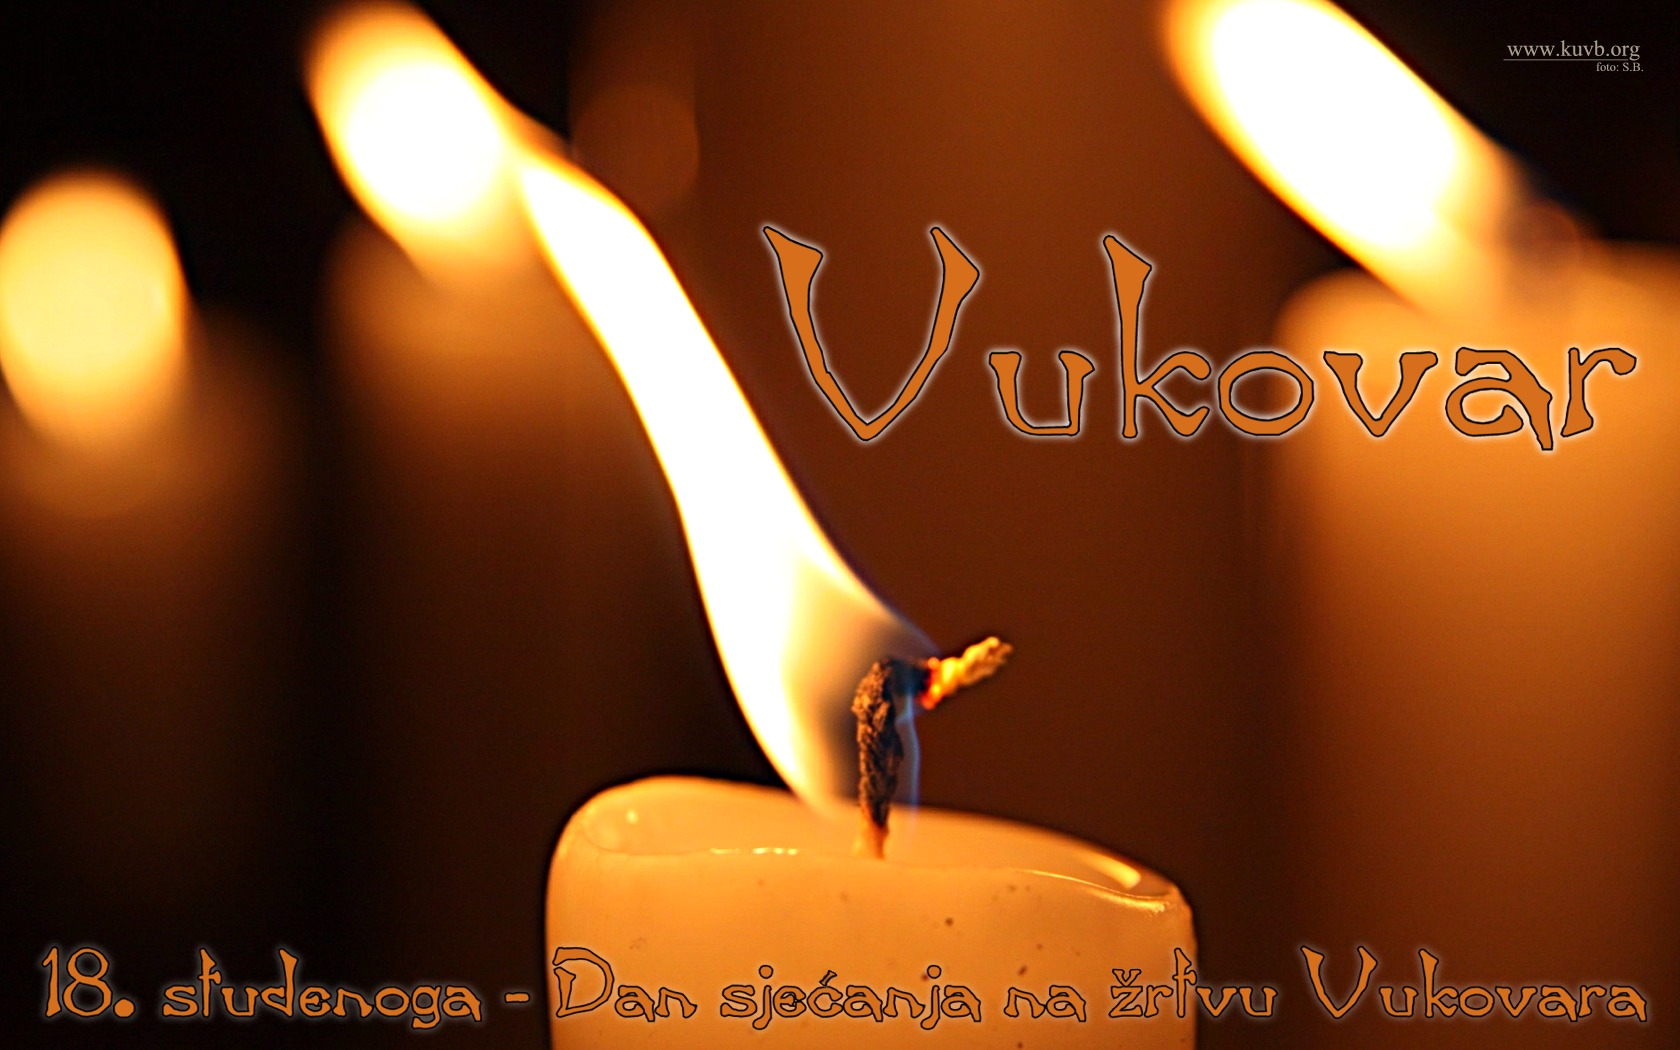 http://www.novigrad.hr/na_dan_sjeanja_na_vukovar_organizira_se_posjet_ovom_gradu_heroju1